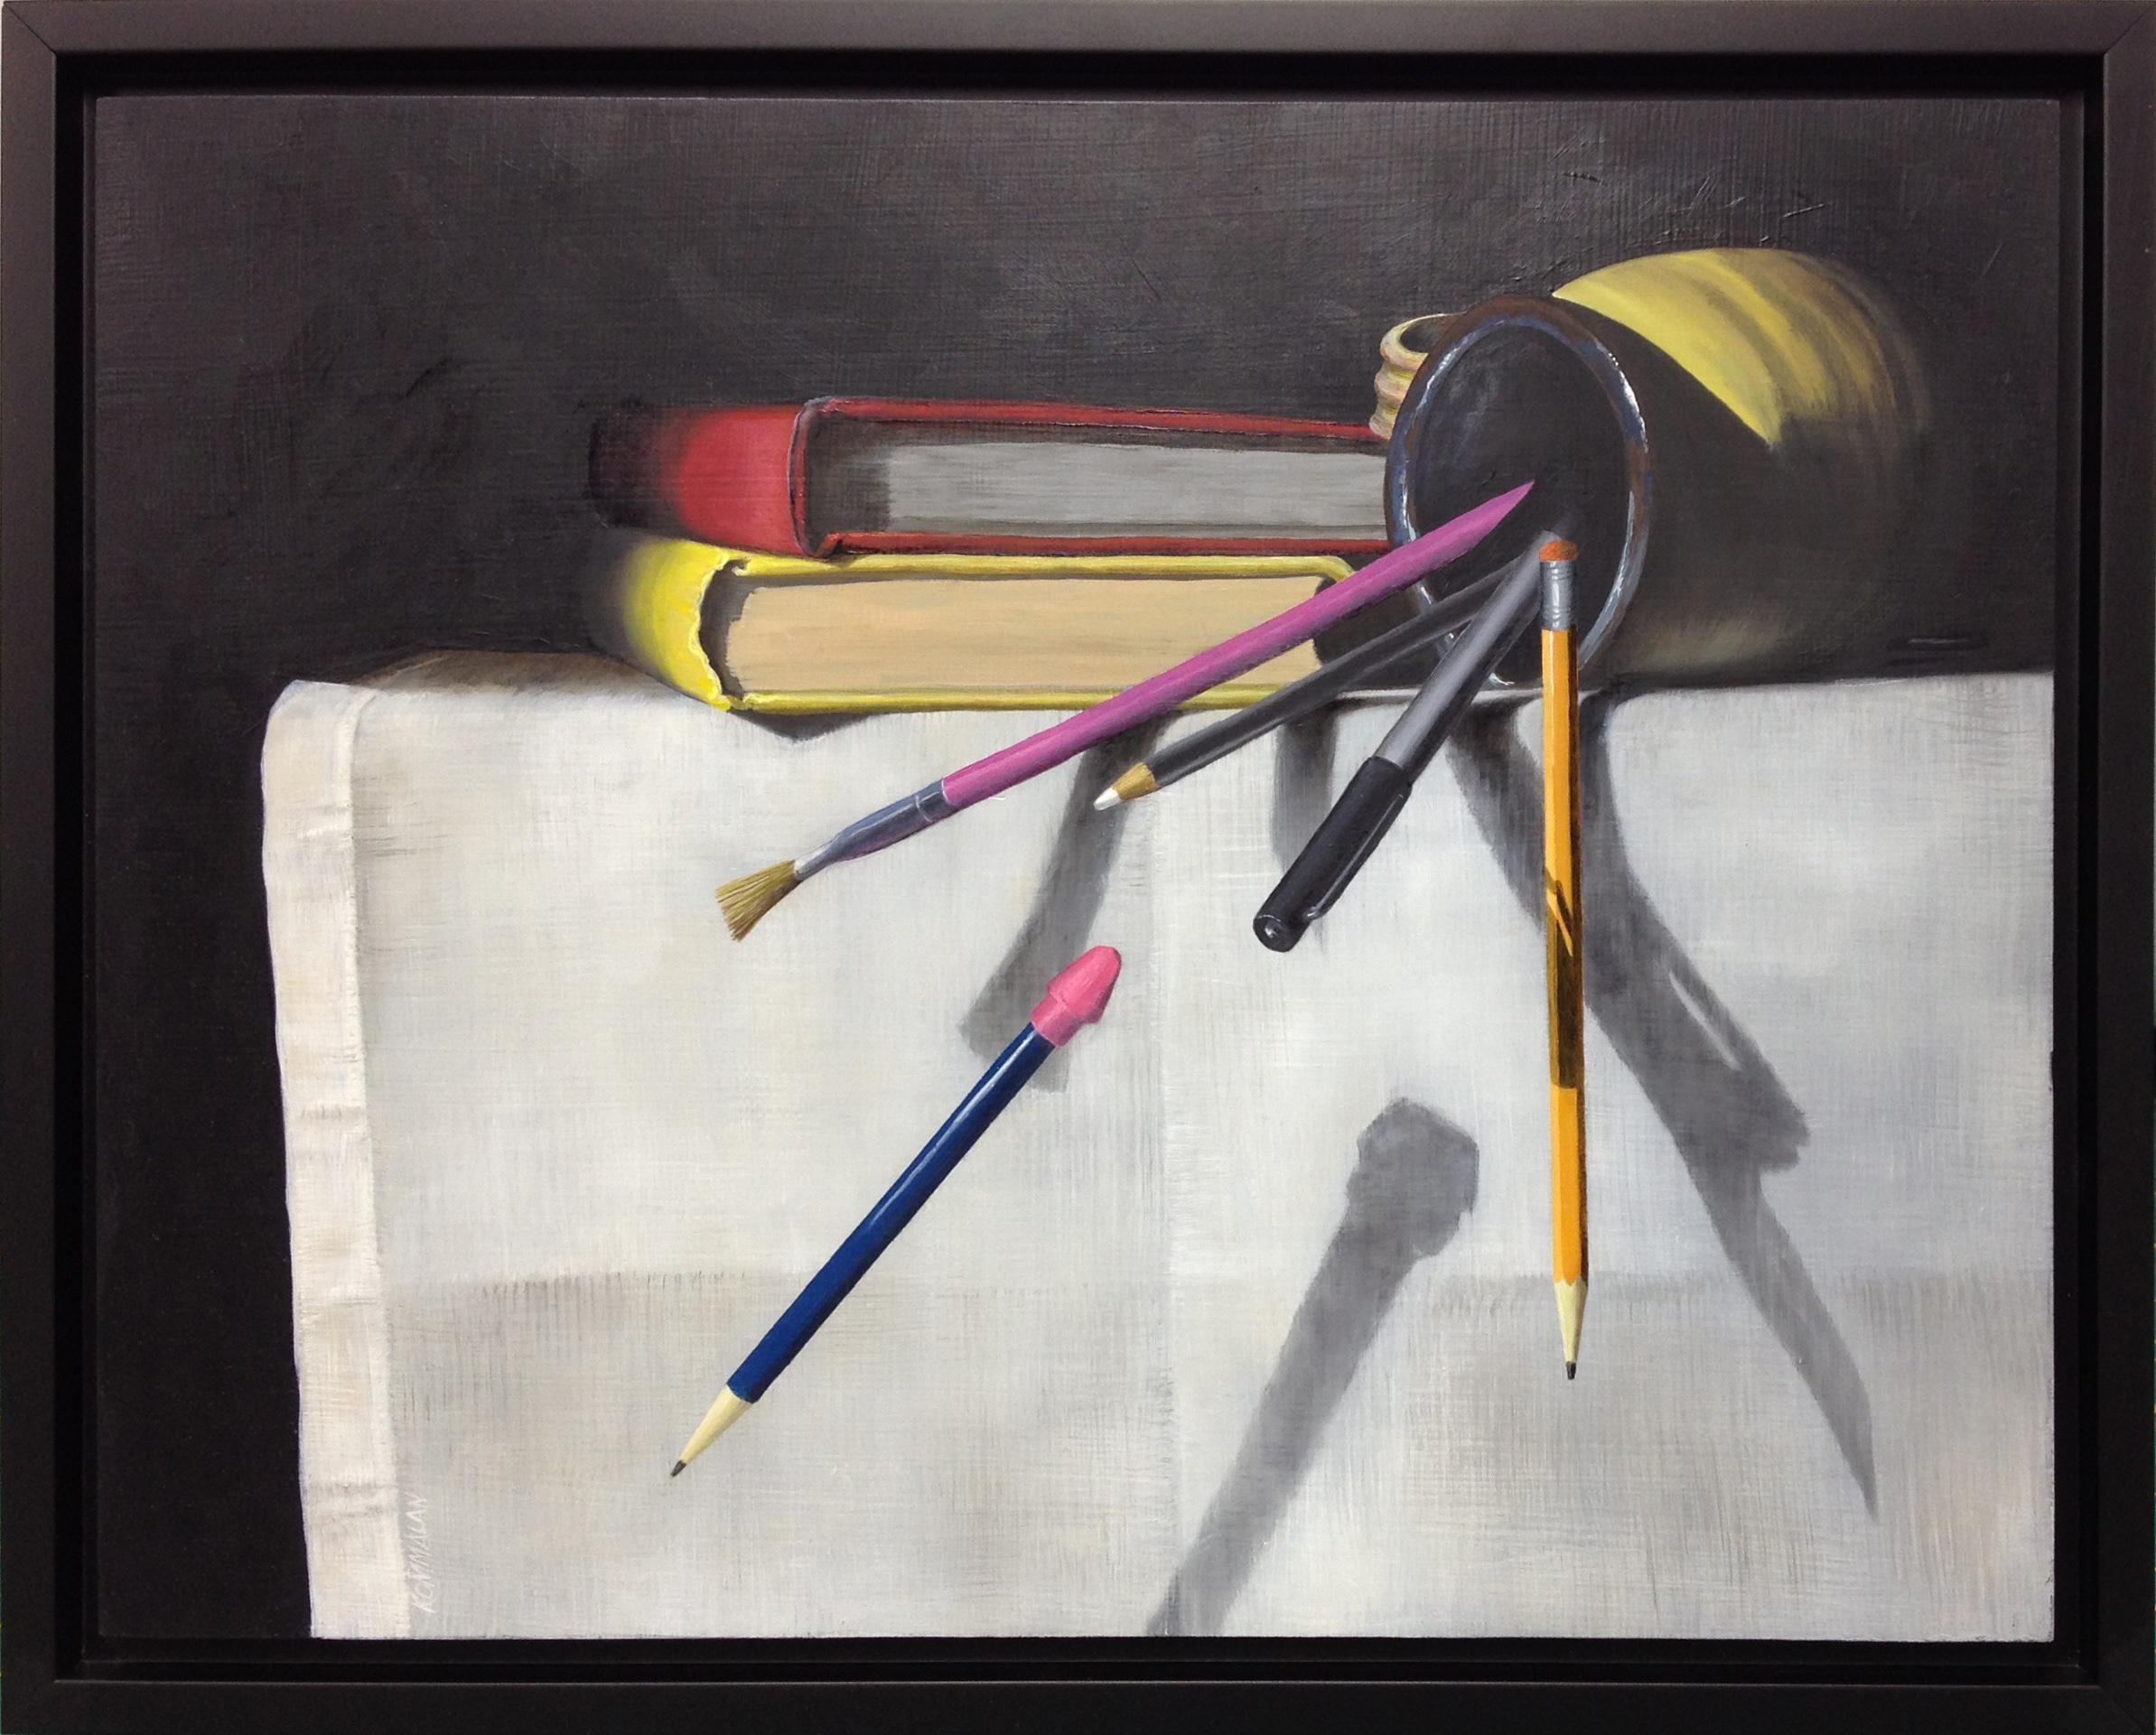 pens and pencils crop.JPG